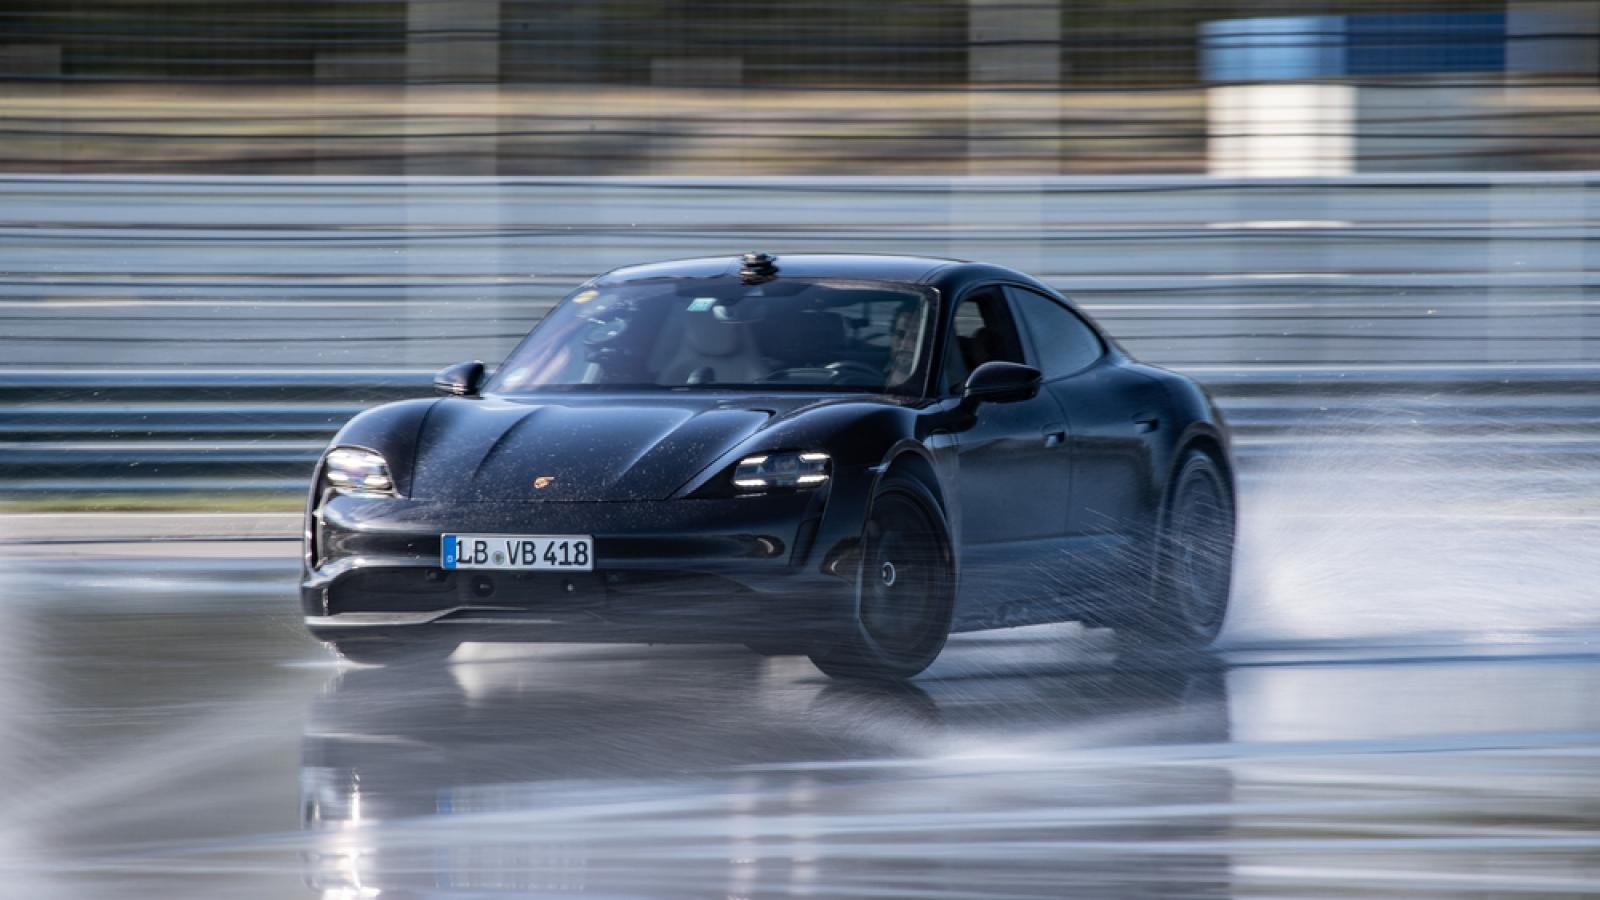 """""""Siêu xe điện"""" Porsche Taycan lập kỷ lục Guinnessvới quãng đường drift dài nhất"""